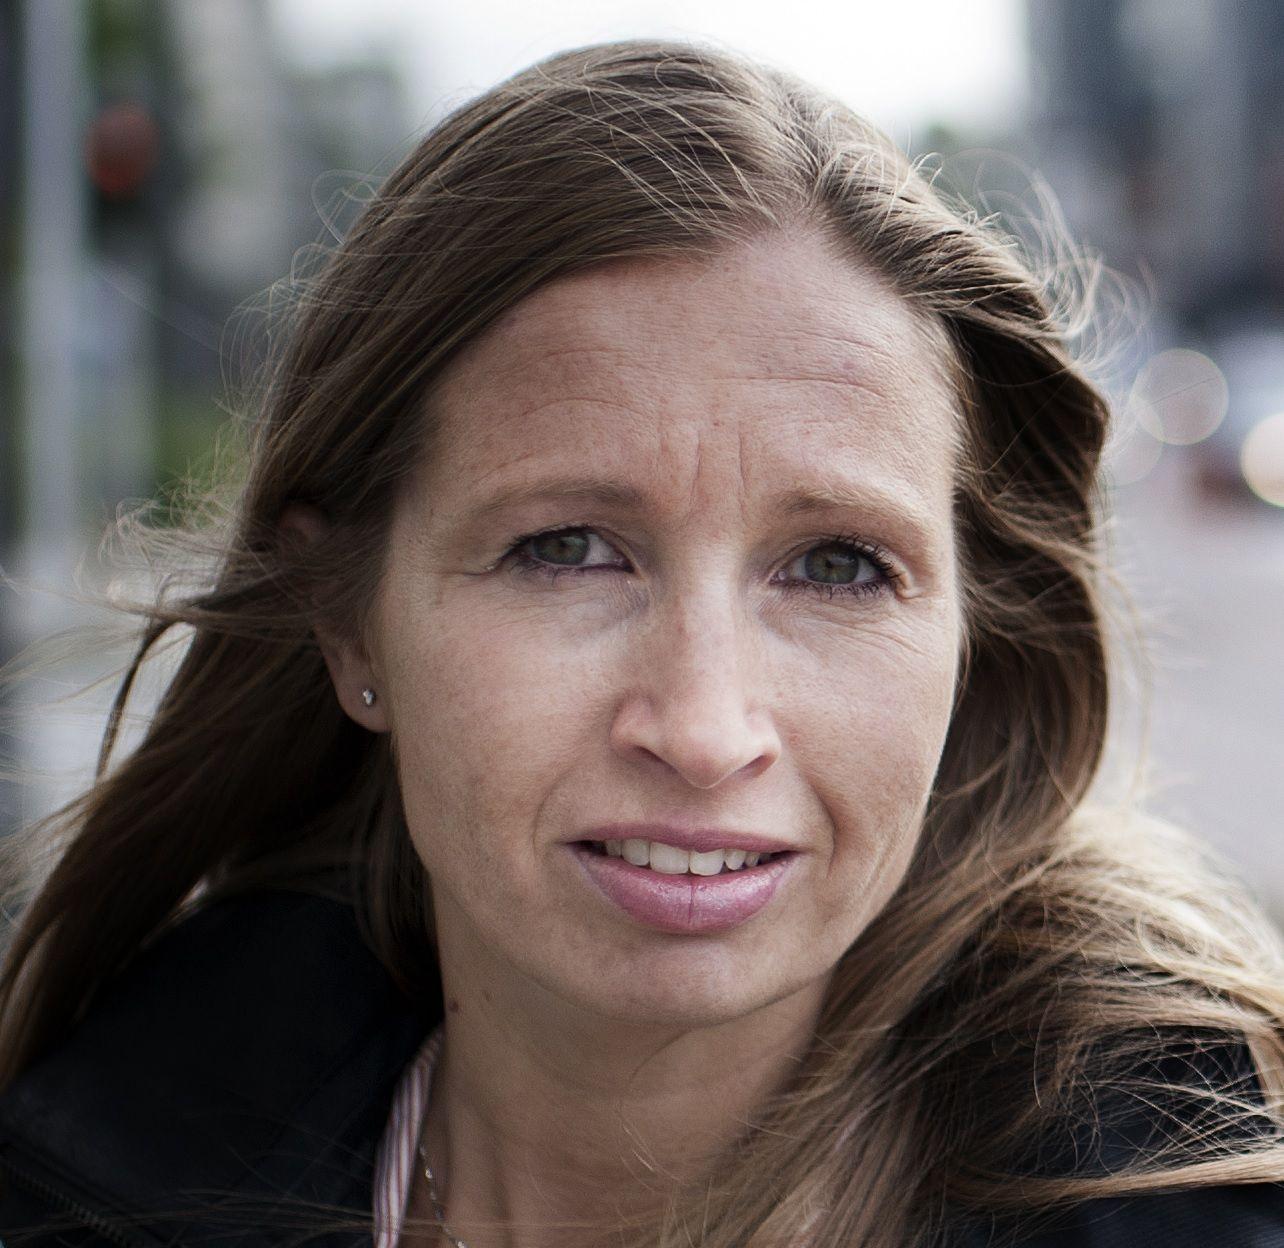 Julie Andersland